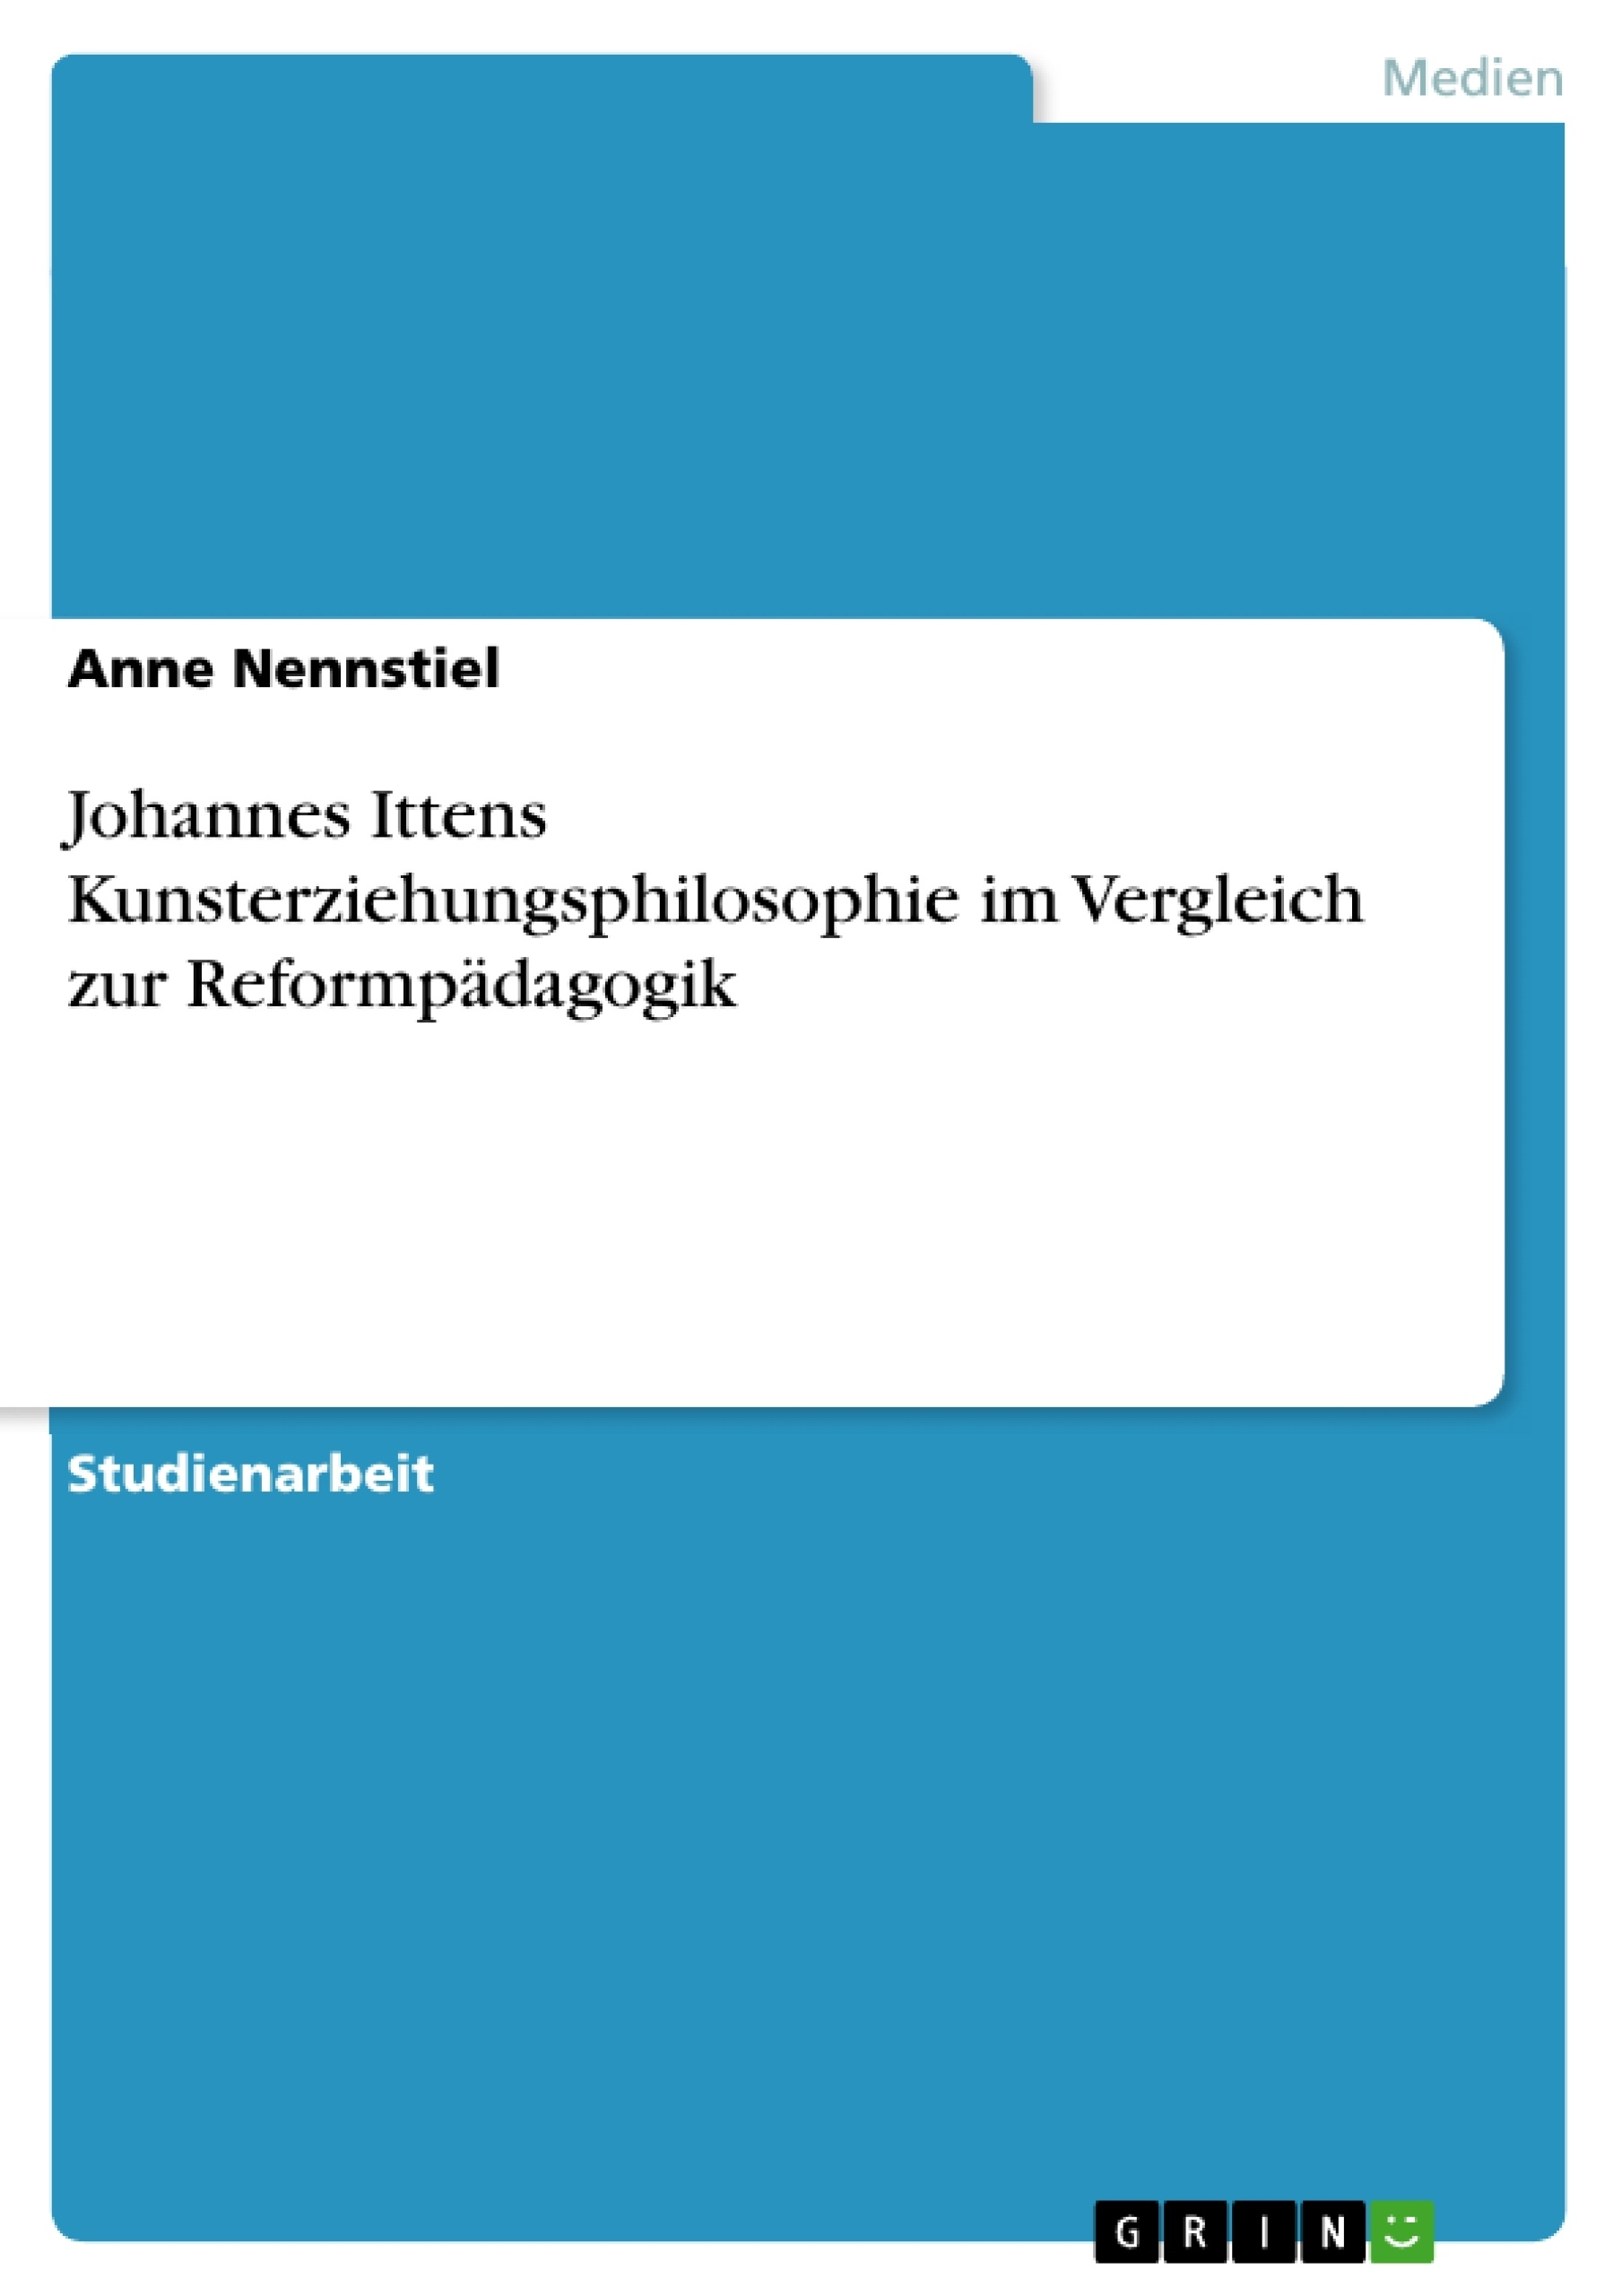 Titel: Johannes Ittens Kunsterziehungsphilosophie im Vergleich zur Reformpädagogik